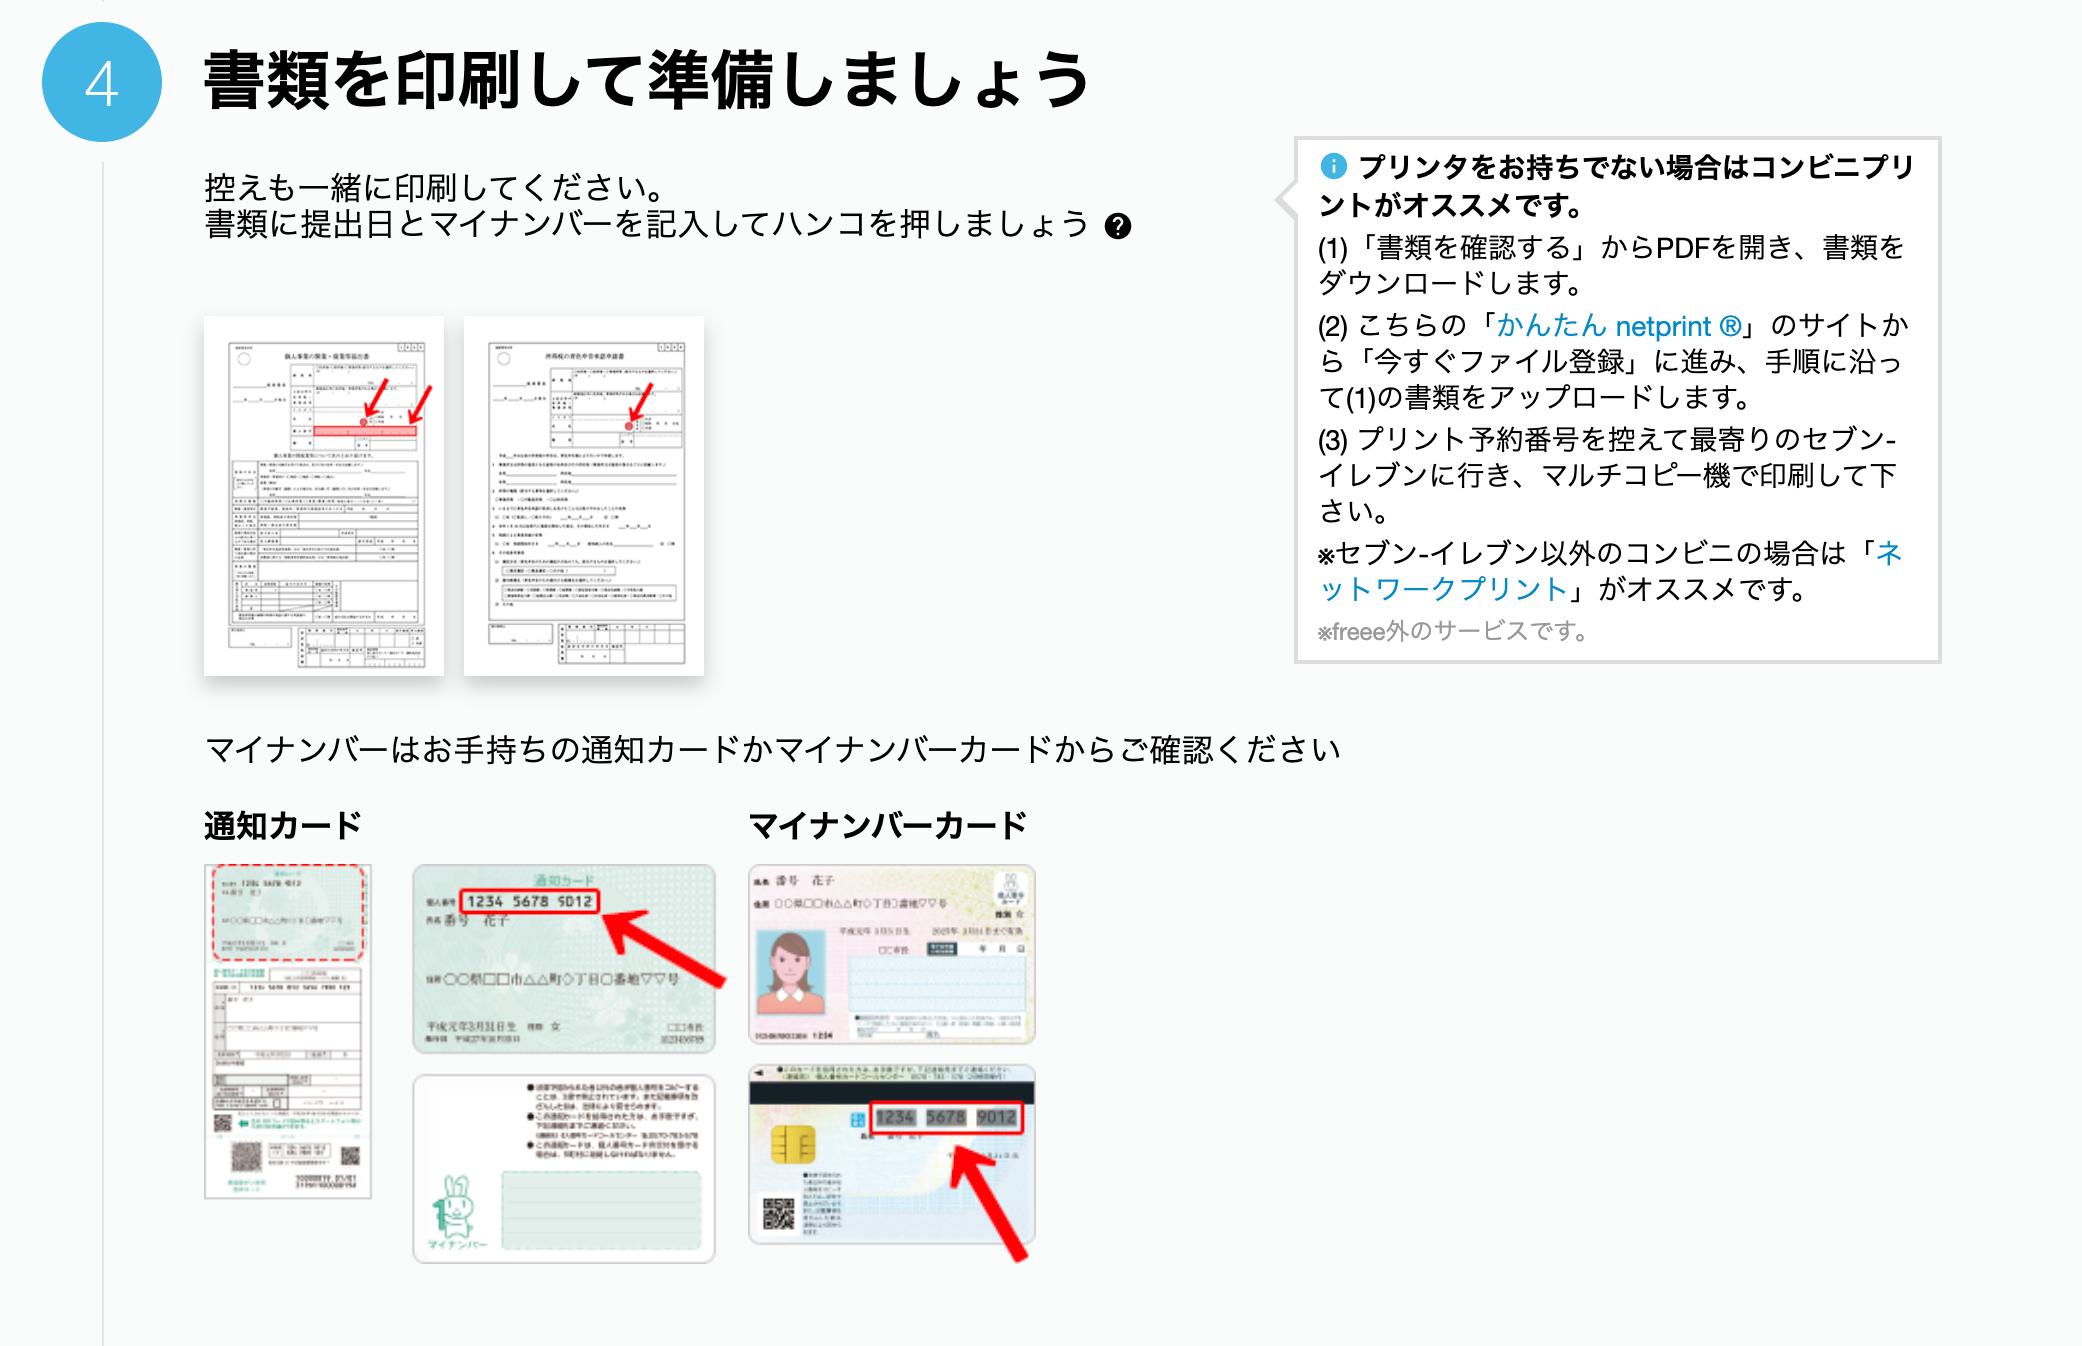 4. 書類を印刷して準備しましょう画面のスクリーンショット